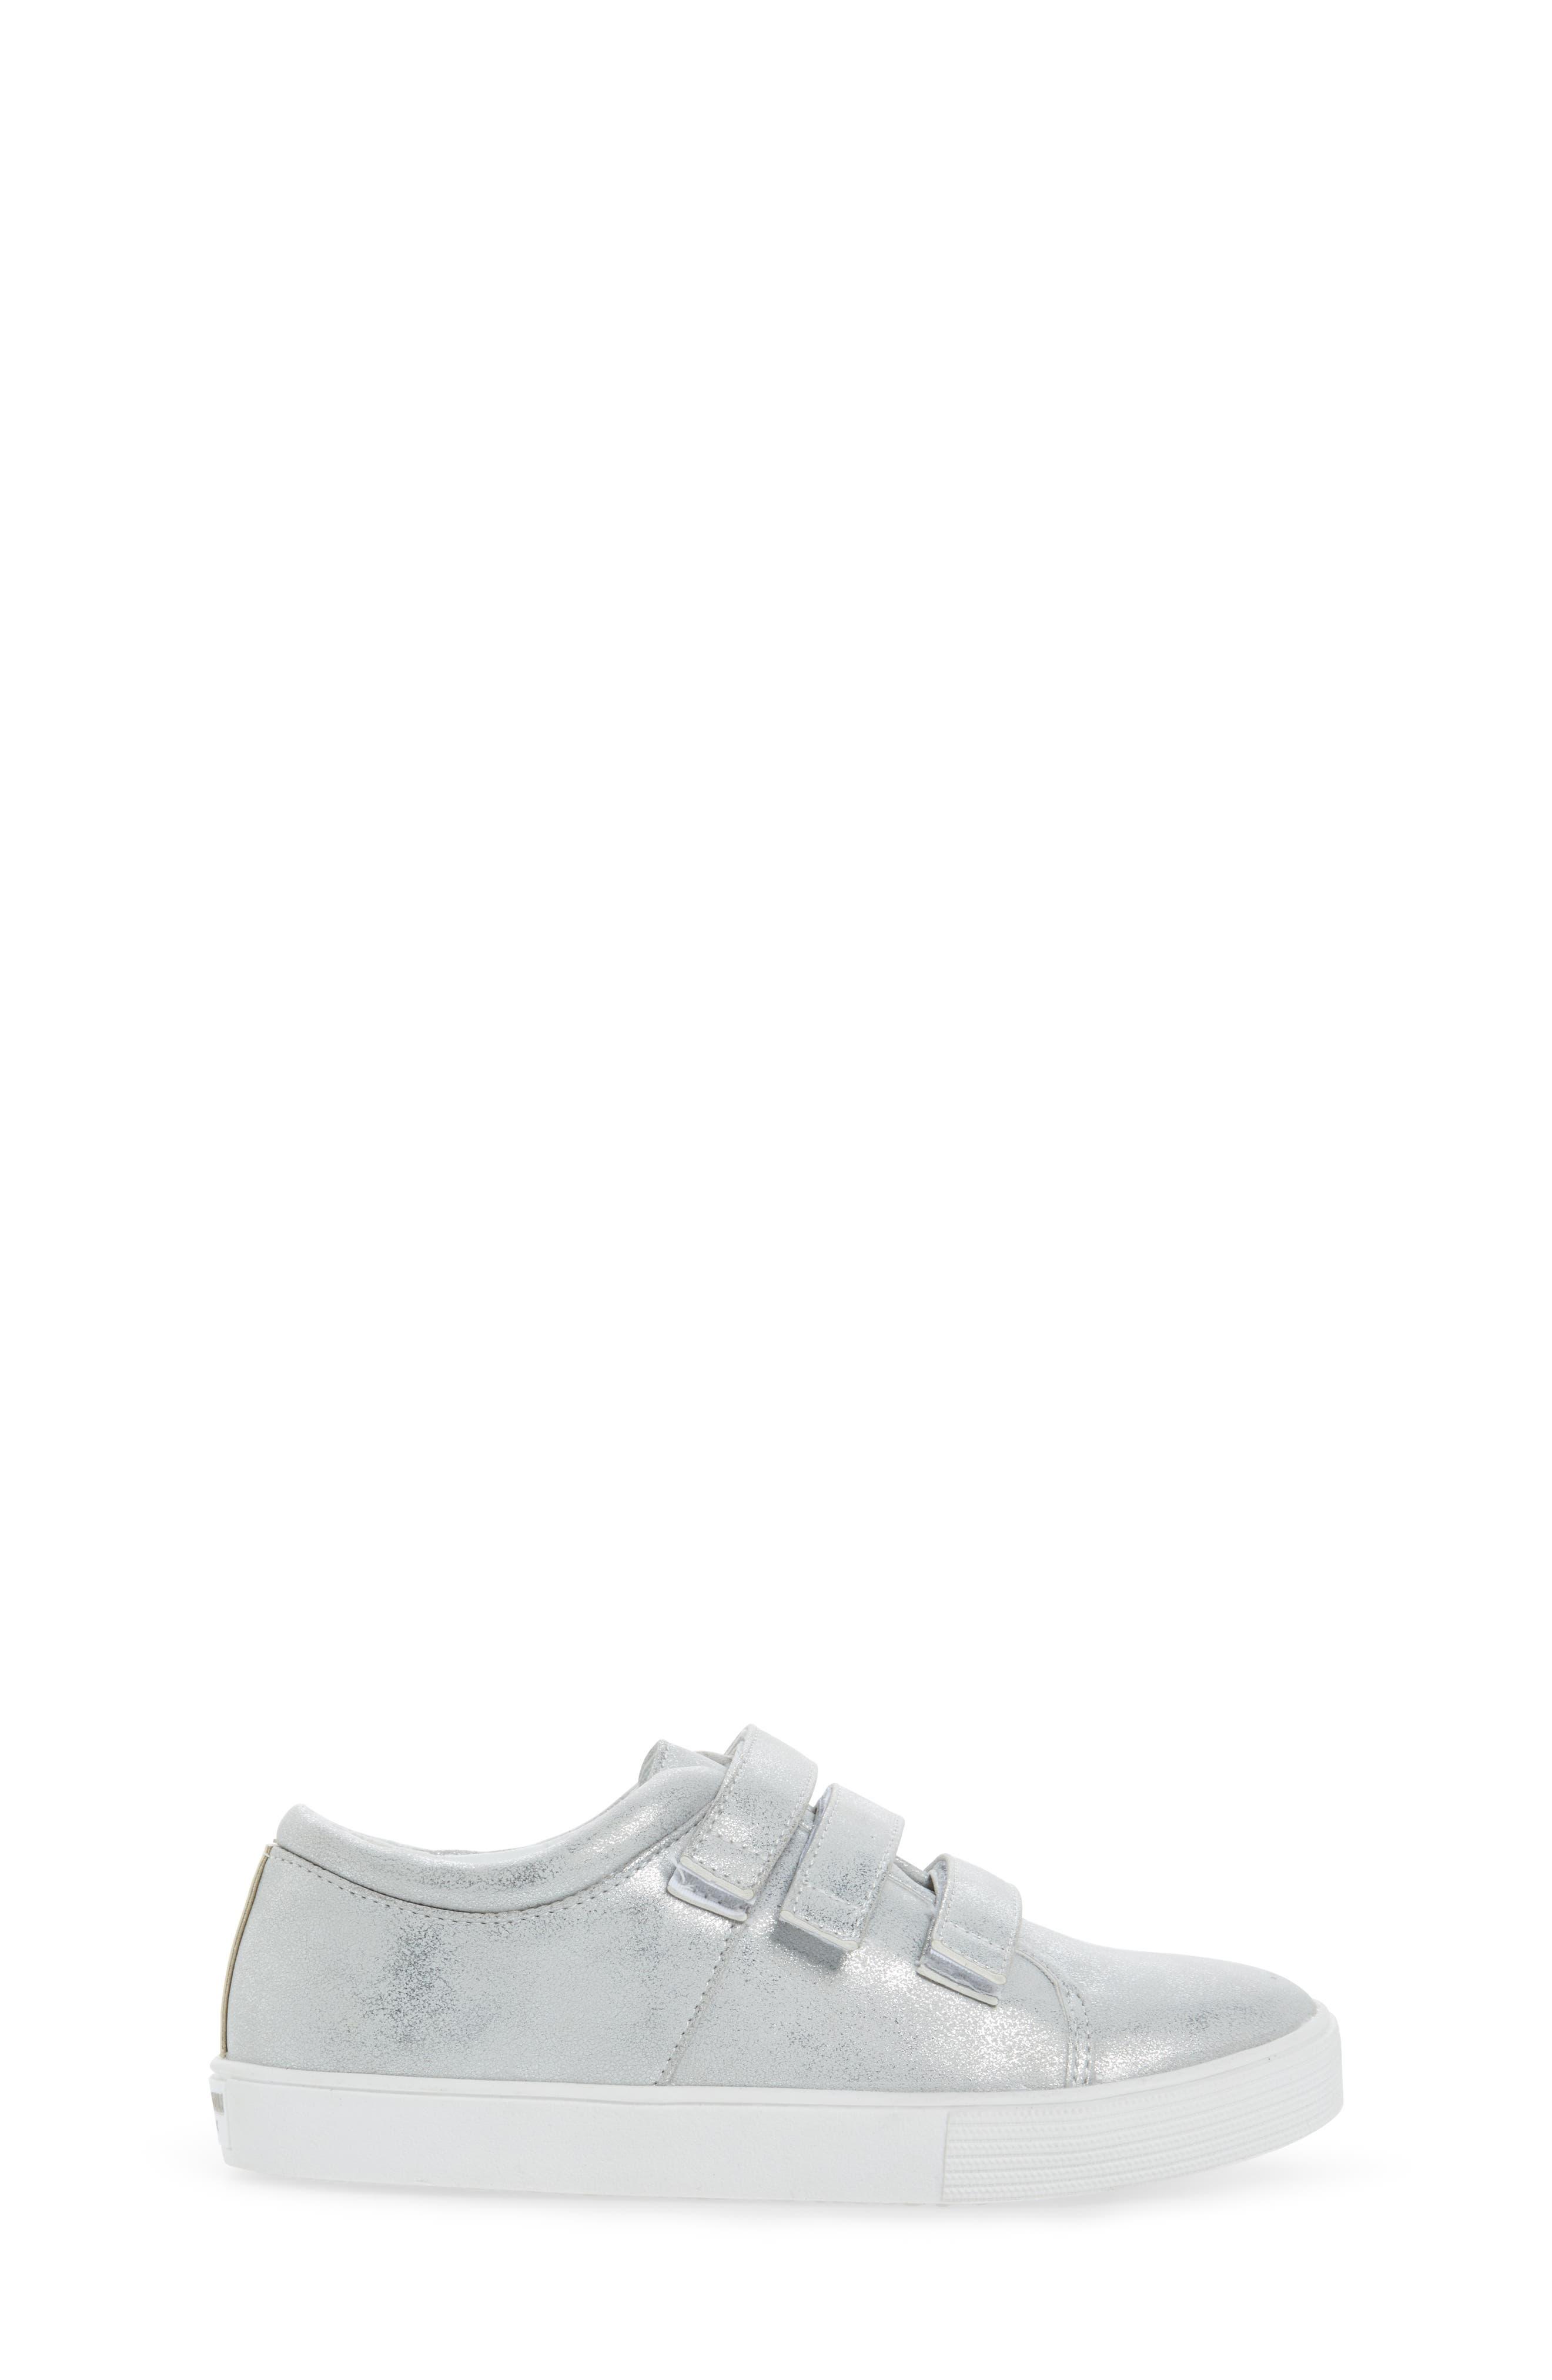 Kam Glitter Strap Sneaker,                             Alternate thumbnail 3, color,                             040